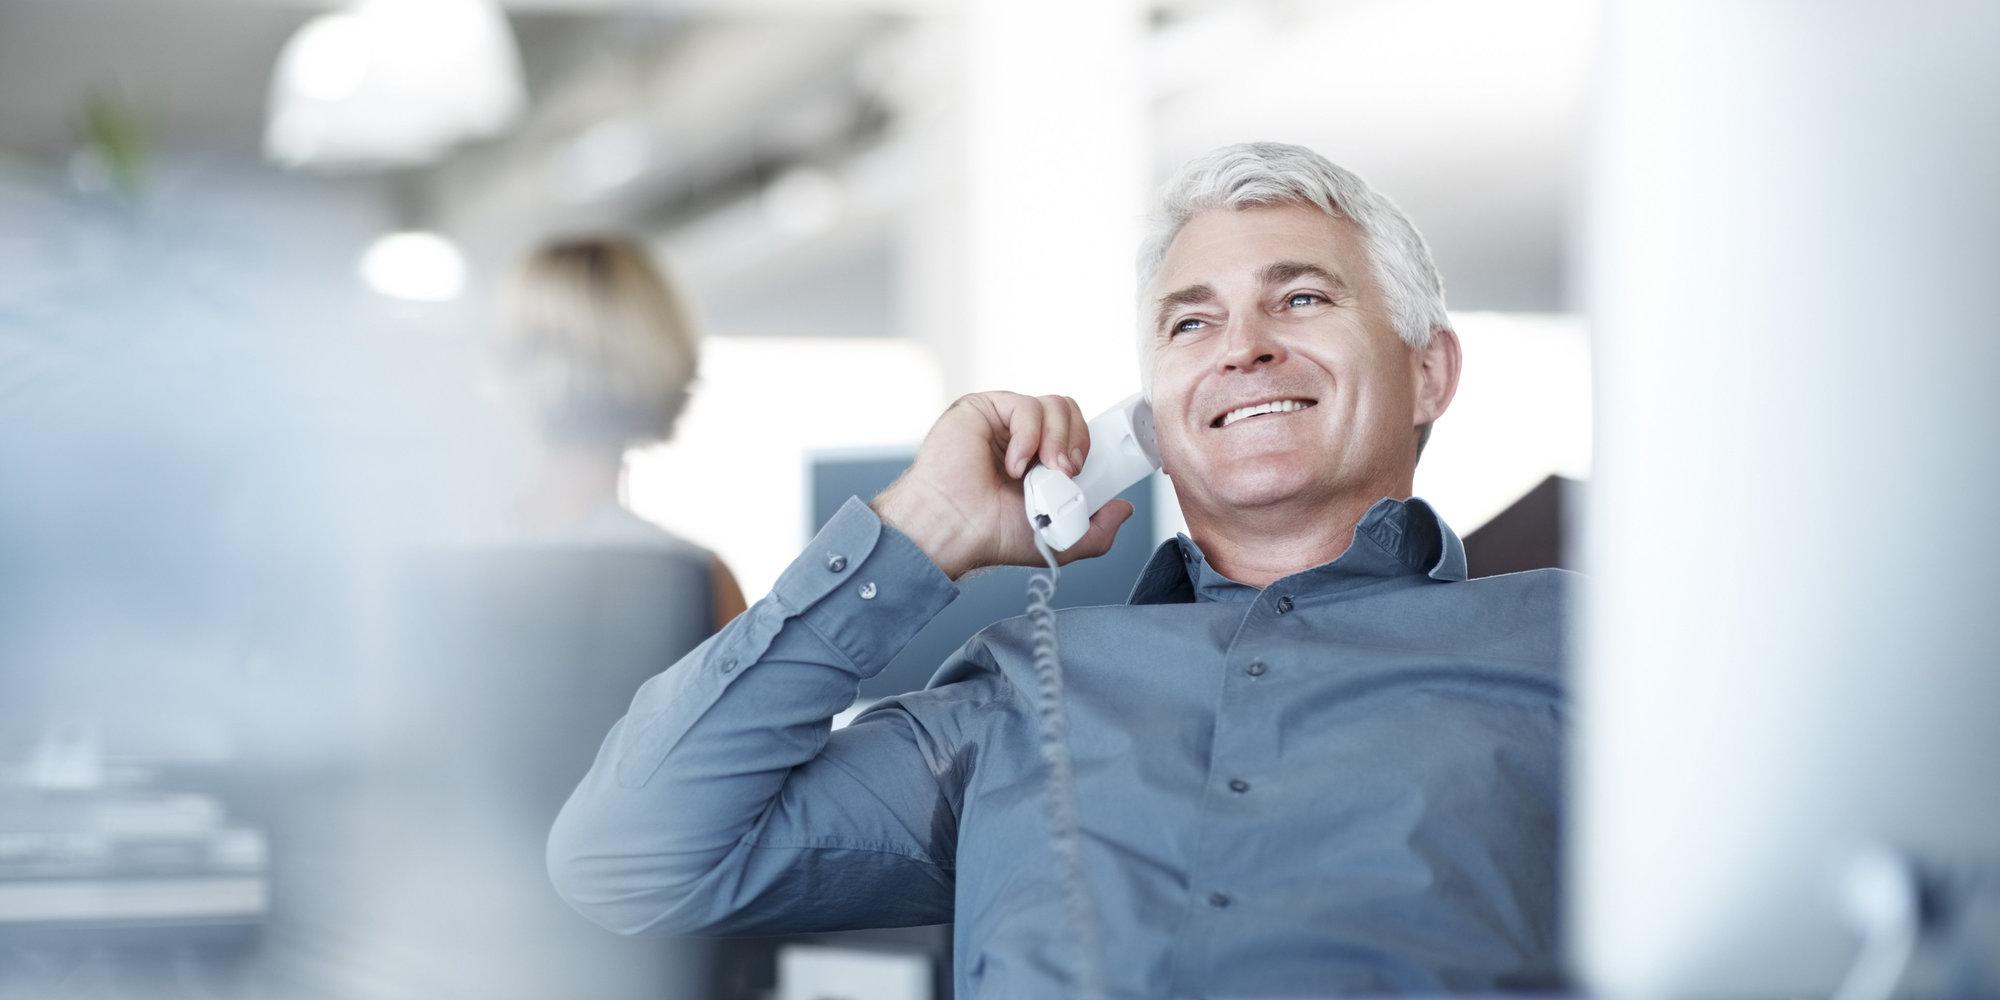 En este país los adultos mayores de 60 años podrán emprender proyectos gracias a la iniciativa conjunta de varias empresas